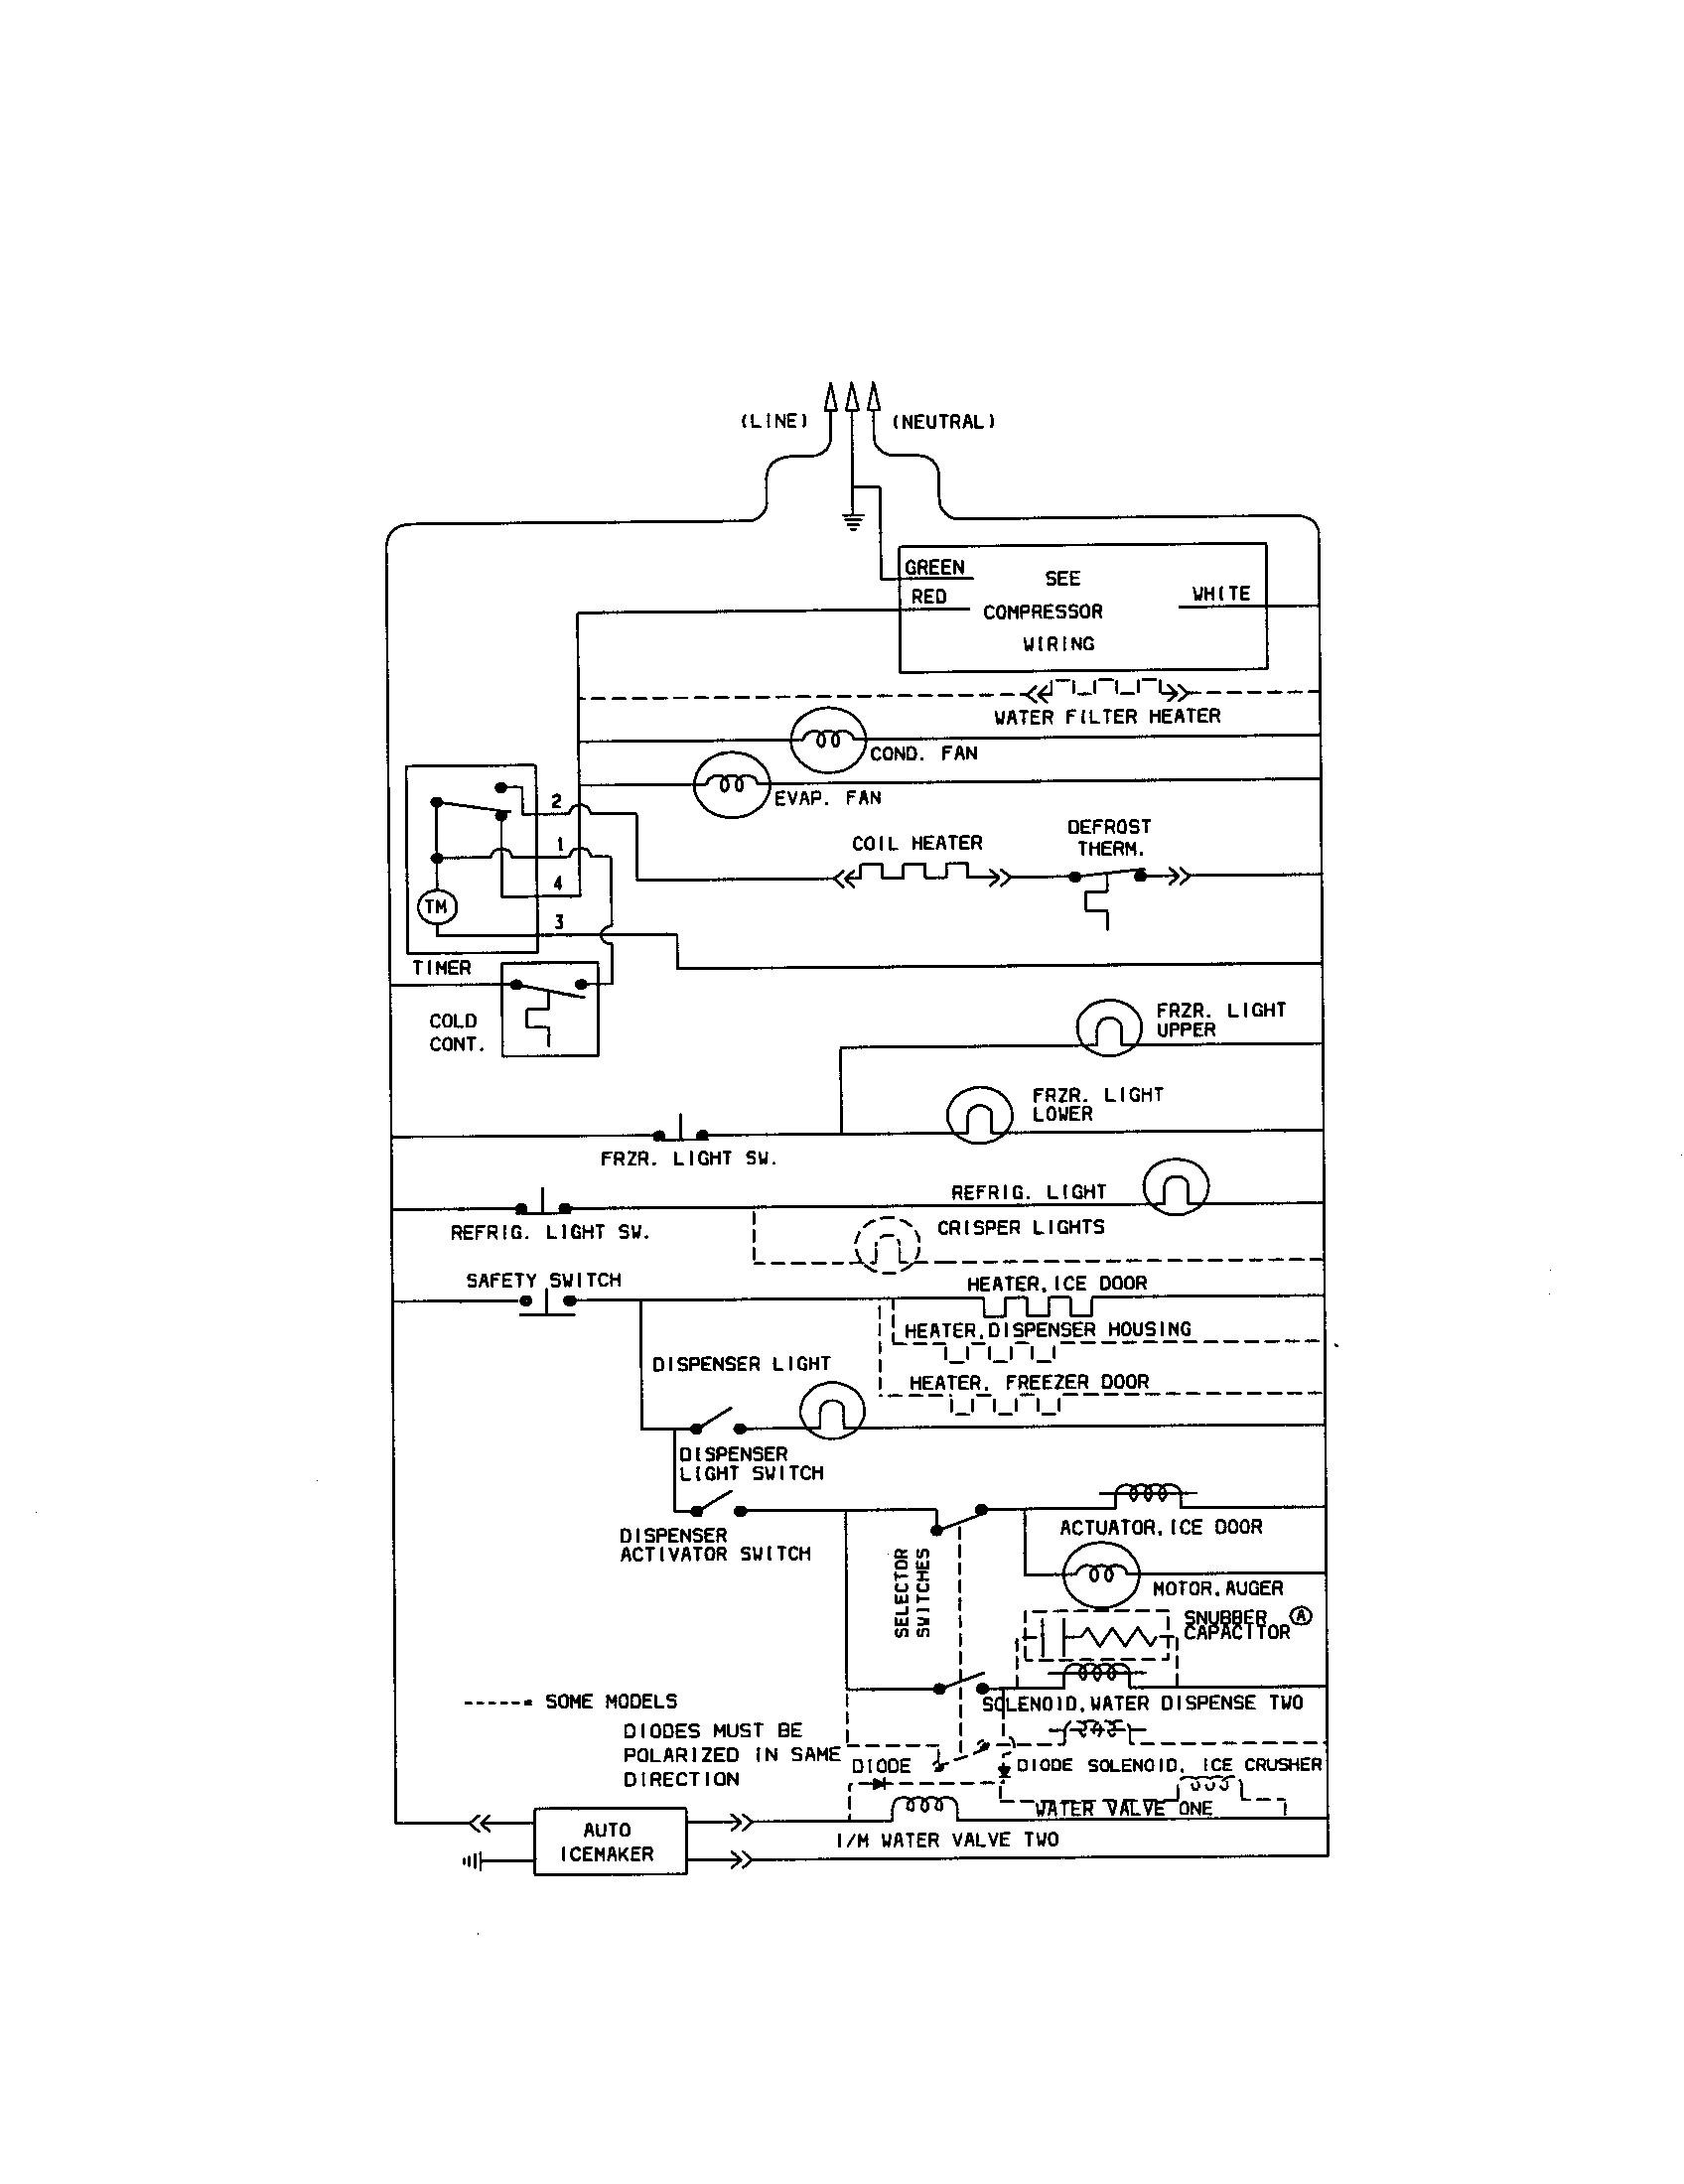 Kenmore dishwasher wiring diagram perfect kenmore elite dryer wiring